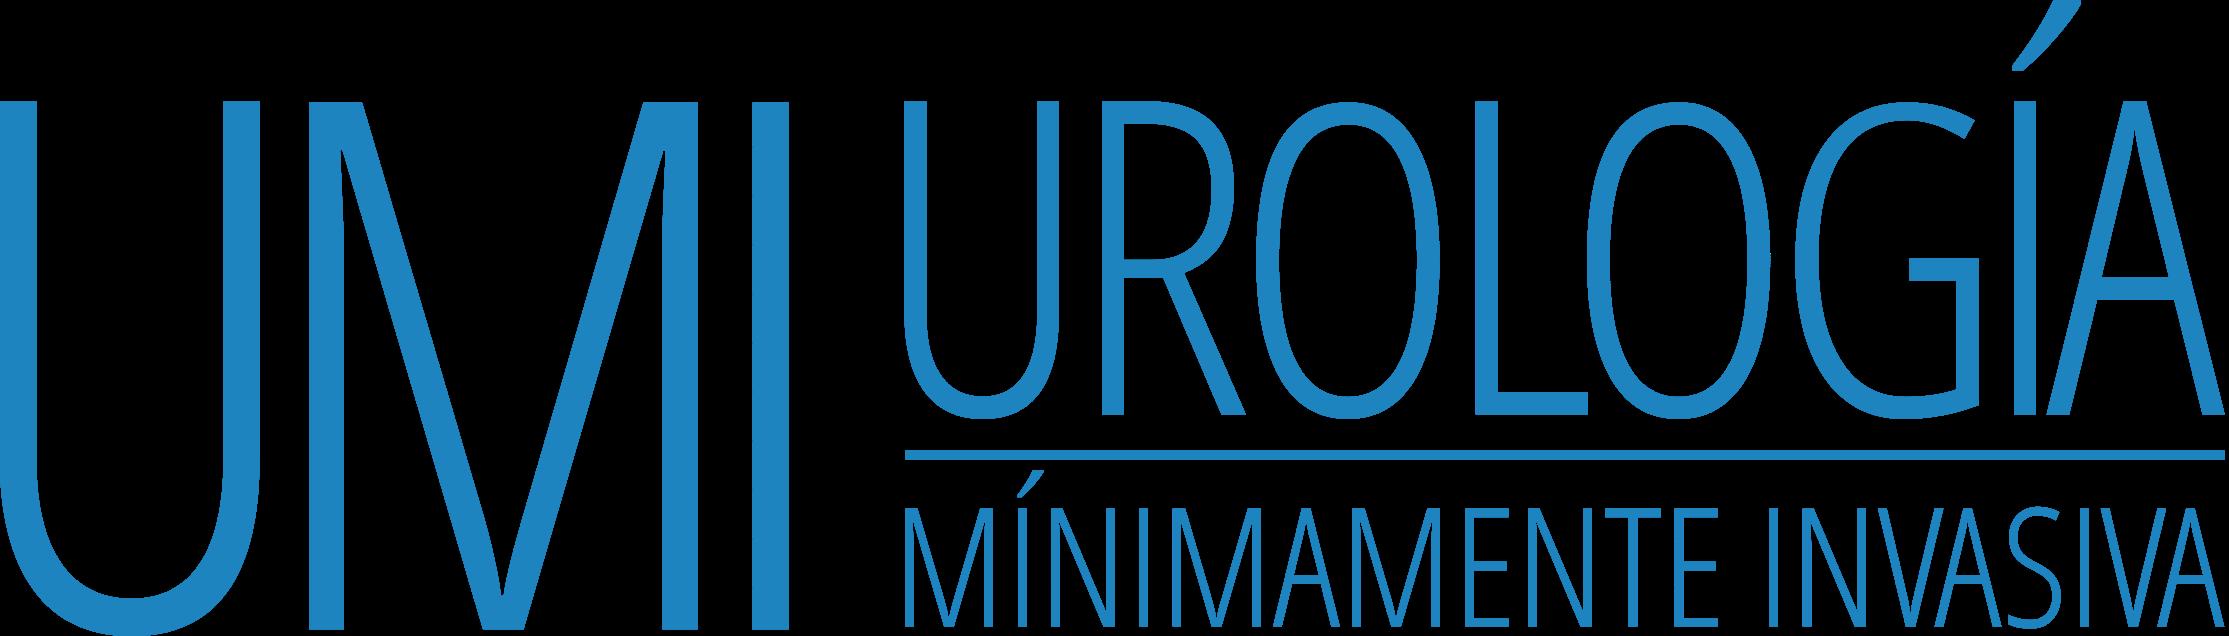 UMI Urología Mínimamente Invasiva